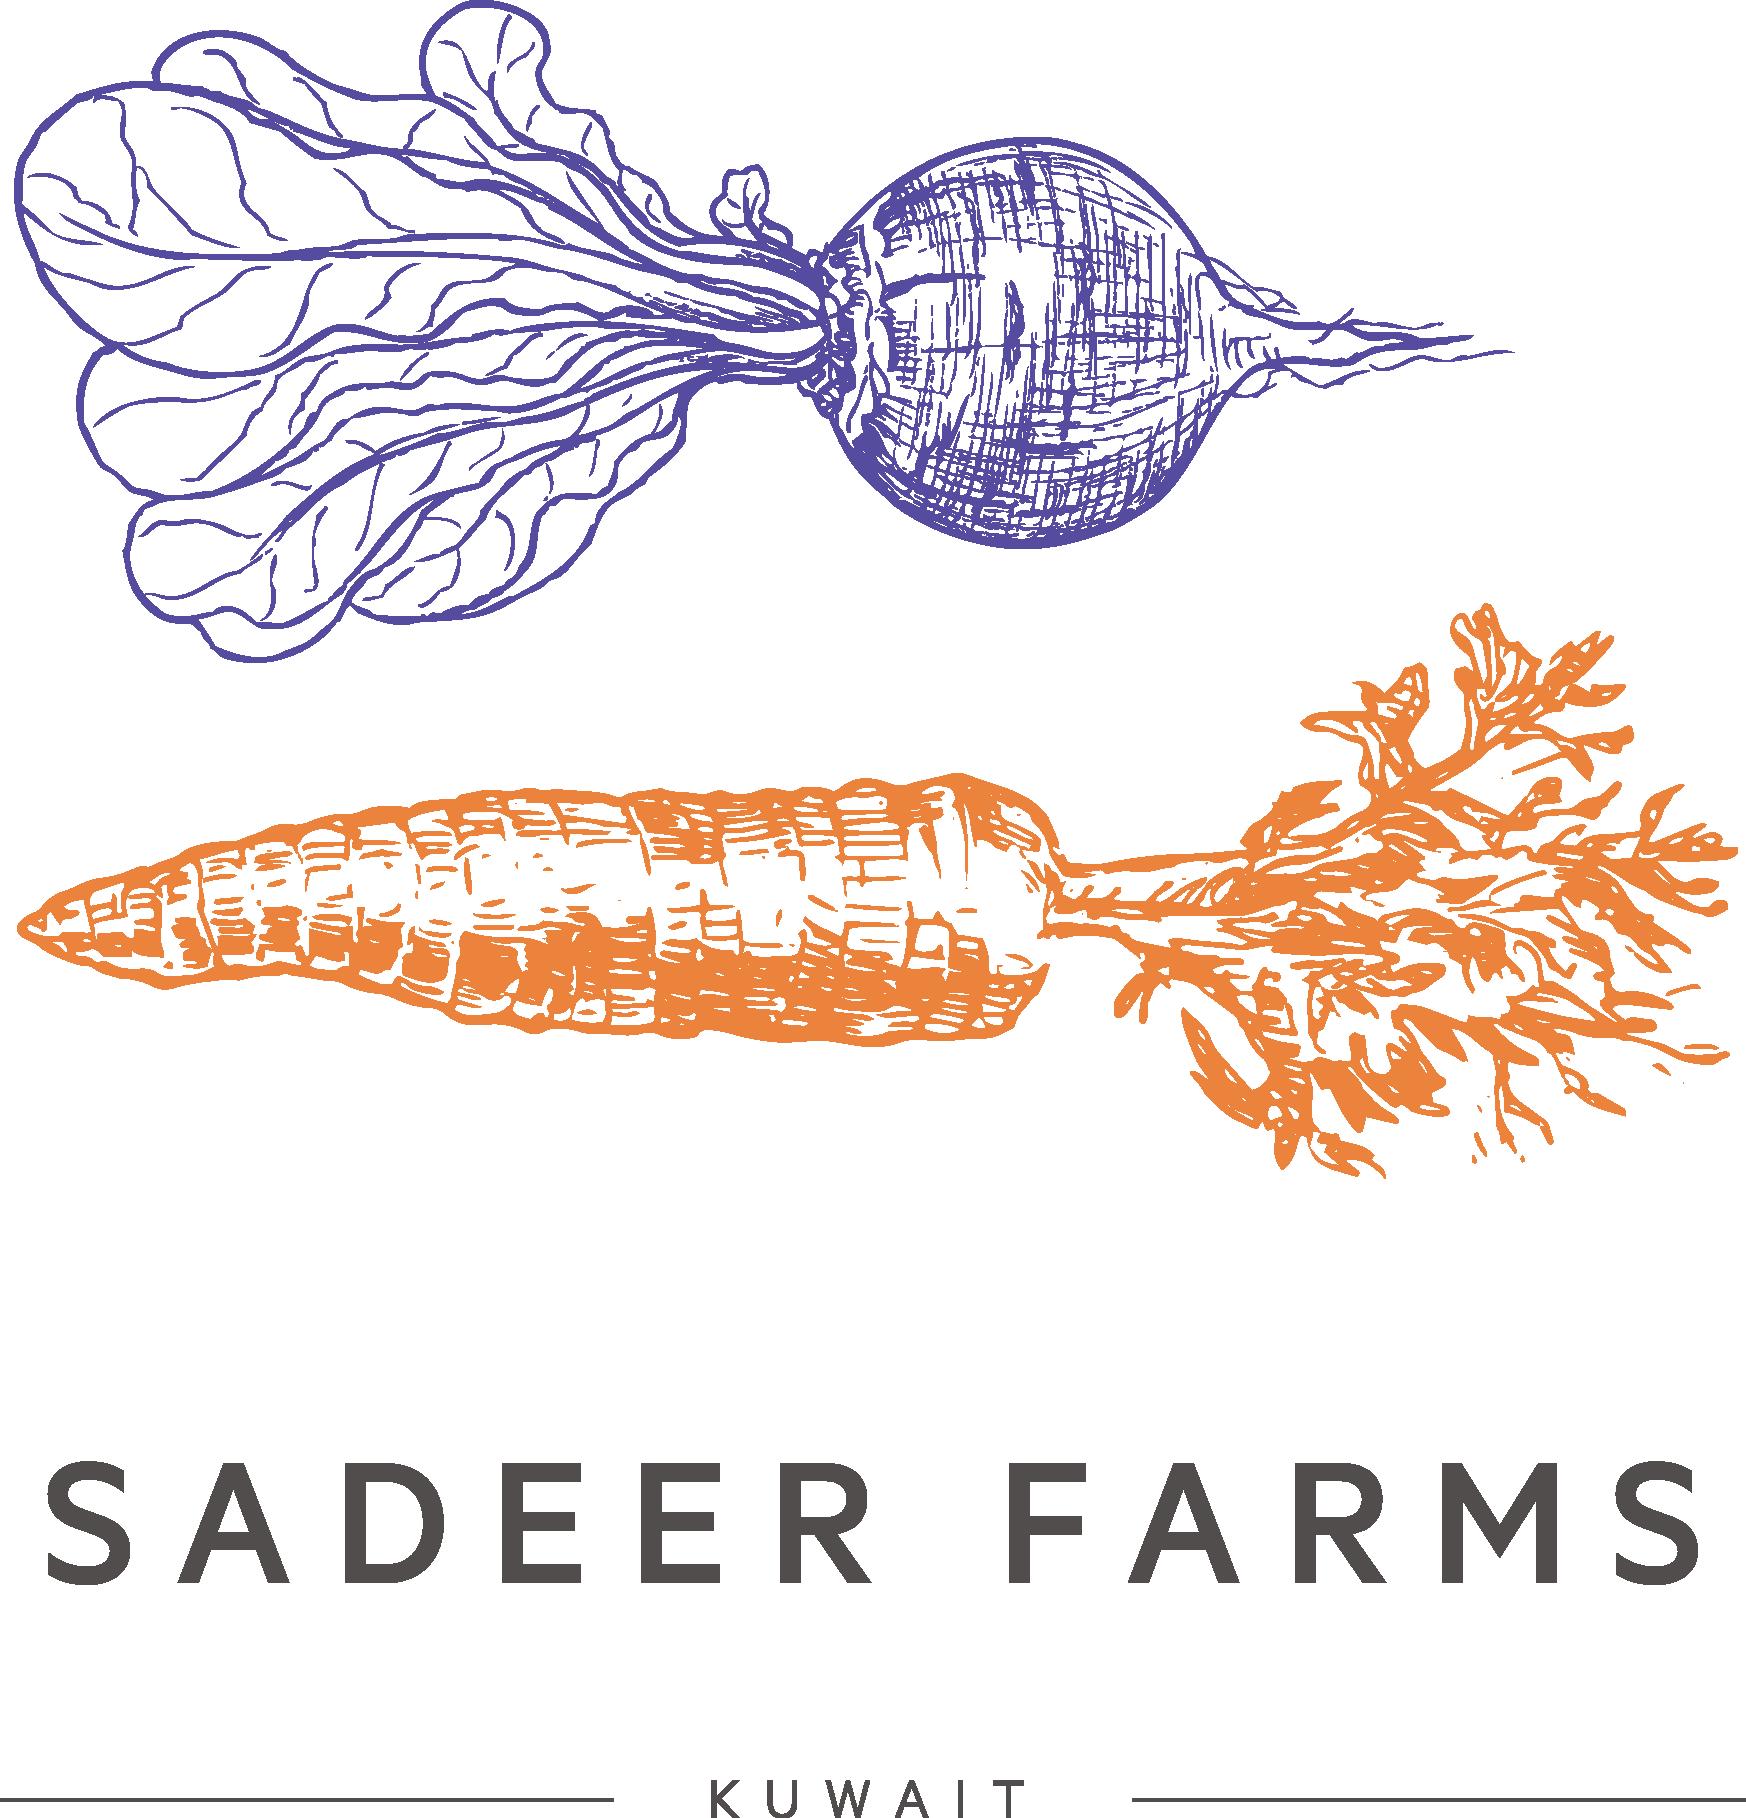 Sadeer-Farm-Kuwait